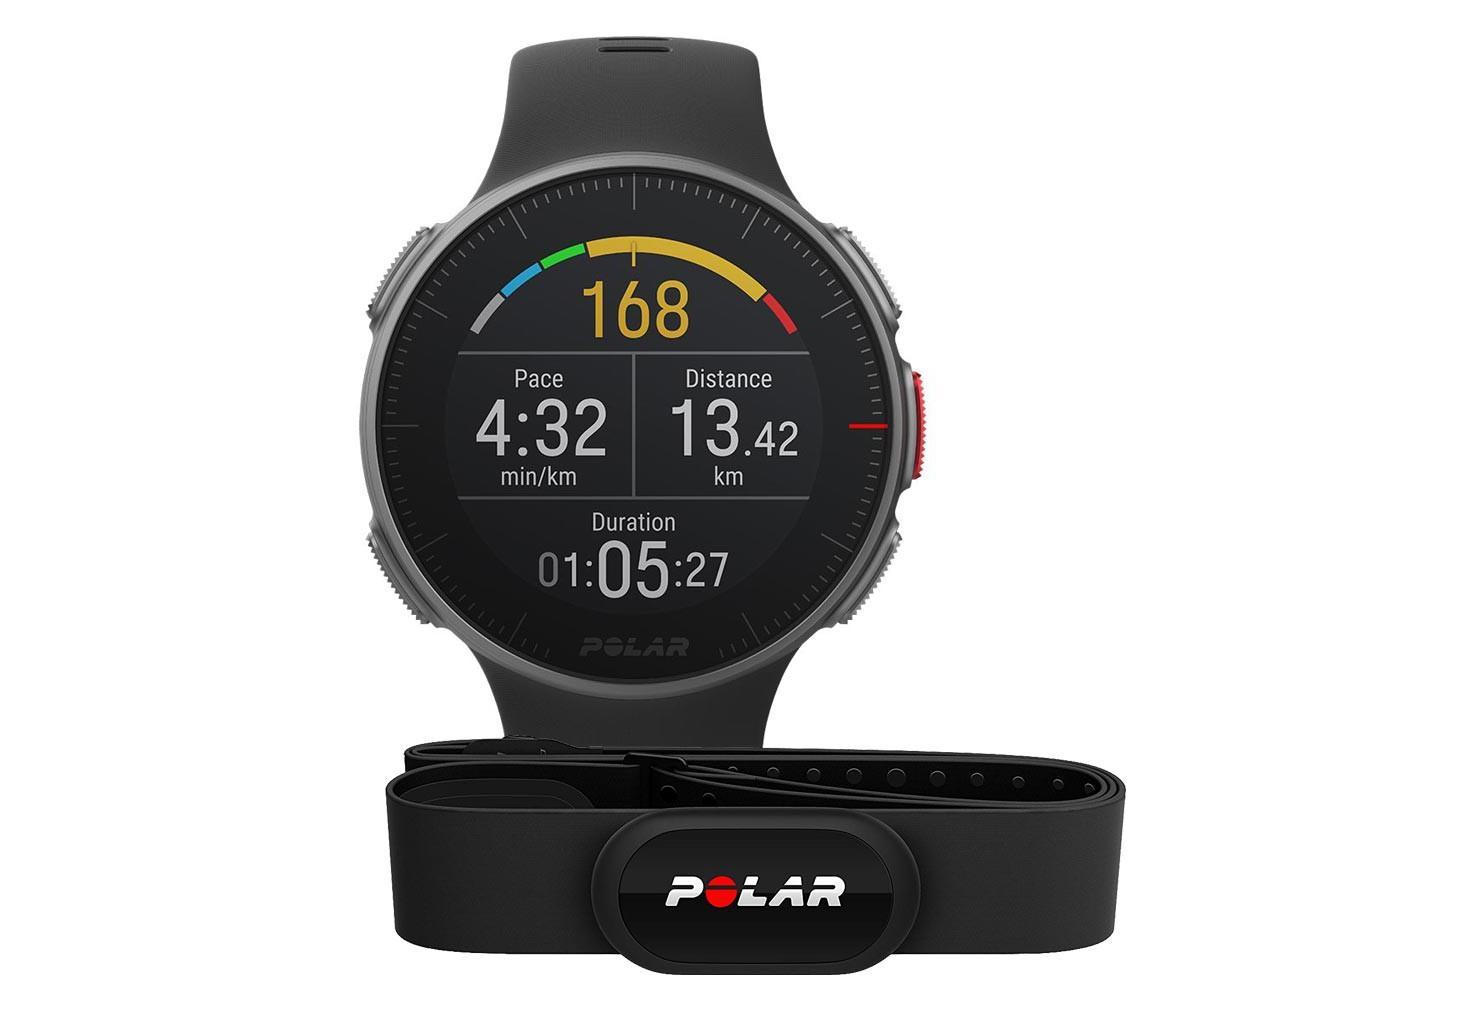 Montre GPS POLAR VANTAGE V Noir avec Capteur de Fréquence Cardiaque ... cf3b721e3b9